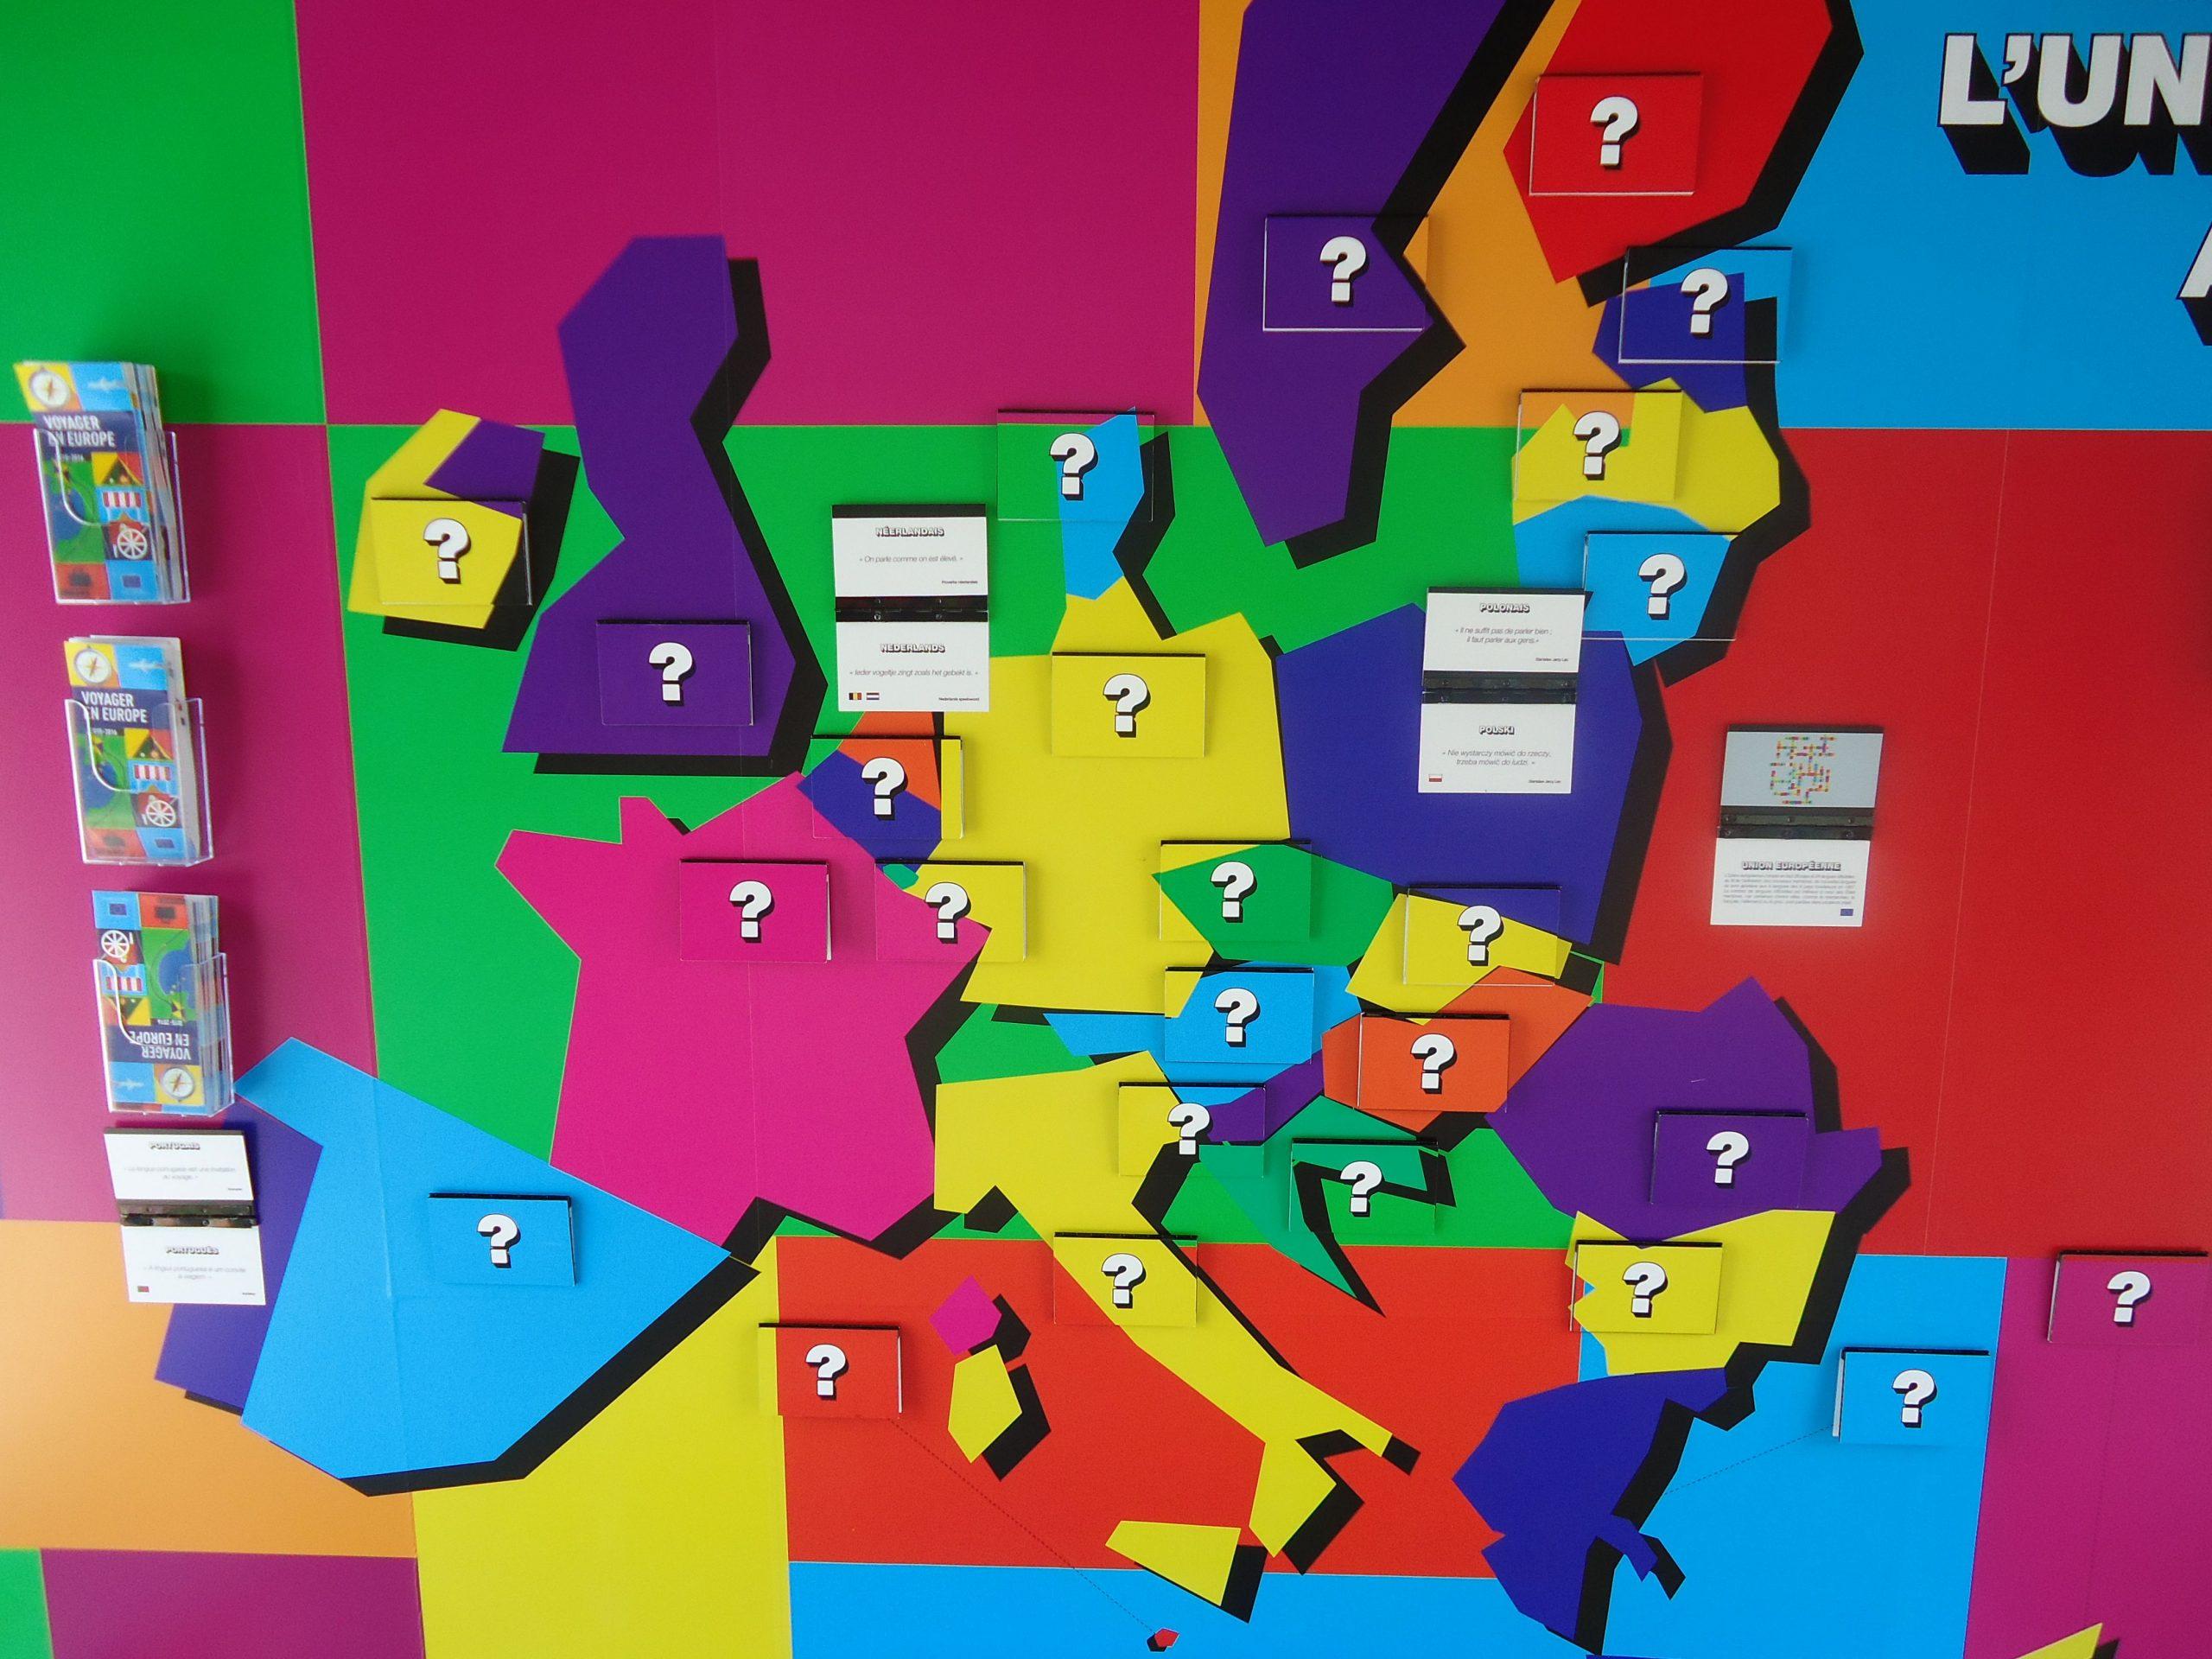 Un Mur D'apprentissage Proposait Un Quizz Audio, Une Carte à Jeux Union Européenne